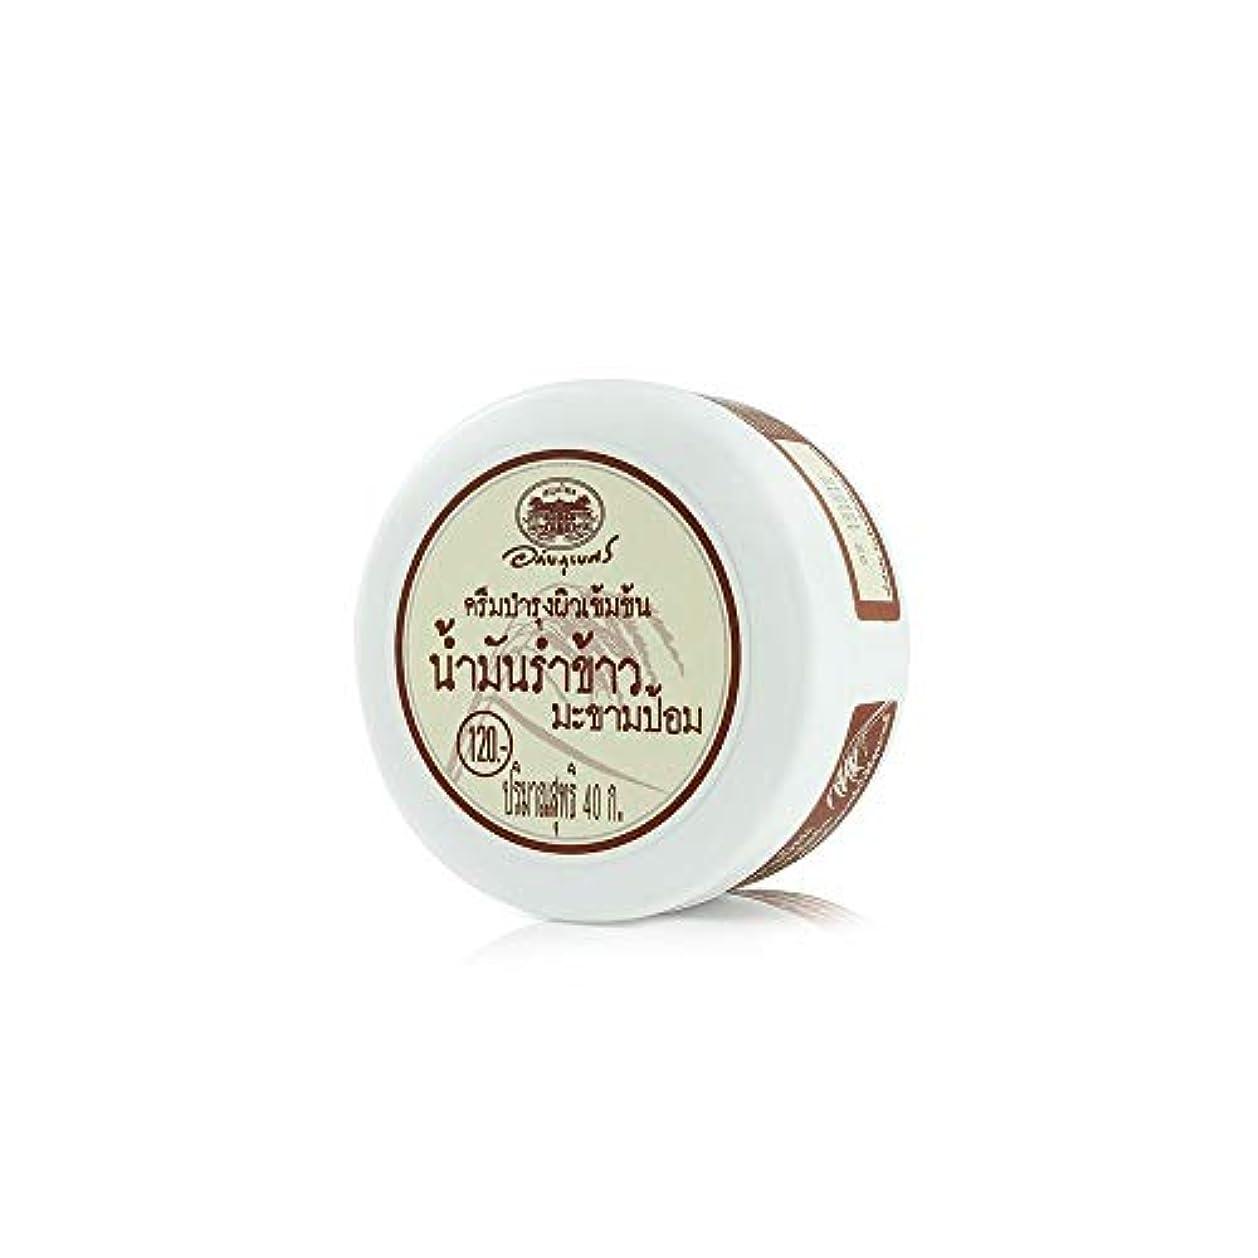 Abhaibhubejhr Rice Bran Oil Plus Tamarind Extract Herbal Body Cream 40g. Abhaibhubejhrライスブランオイルプラスタマリンドエクストラクトハーブボディクリーム...